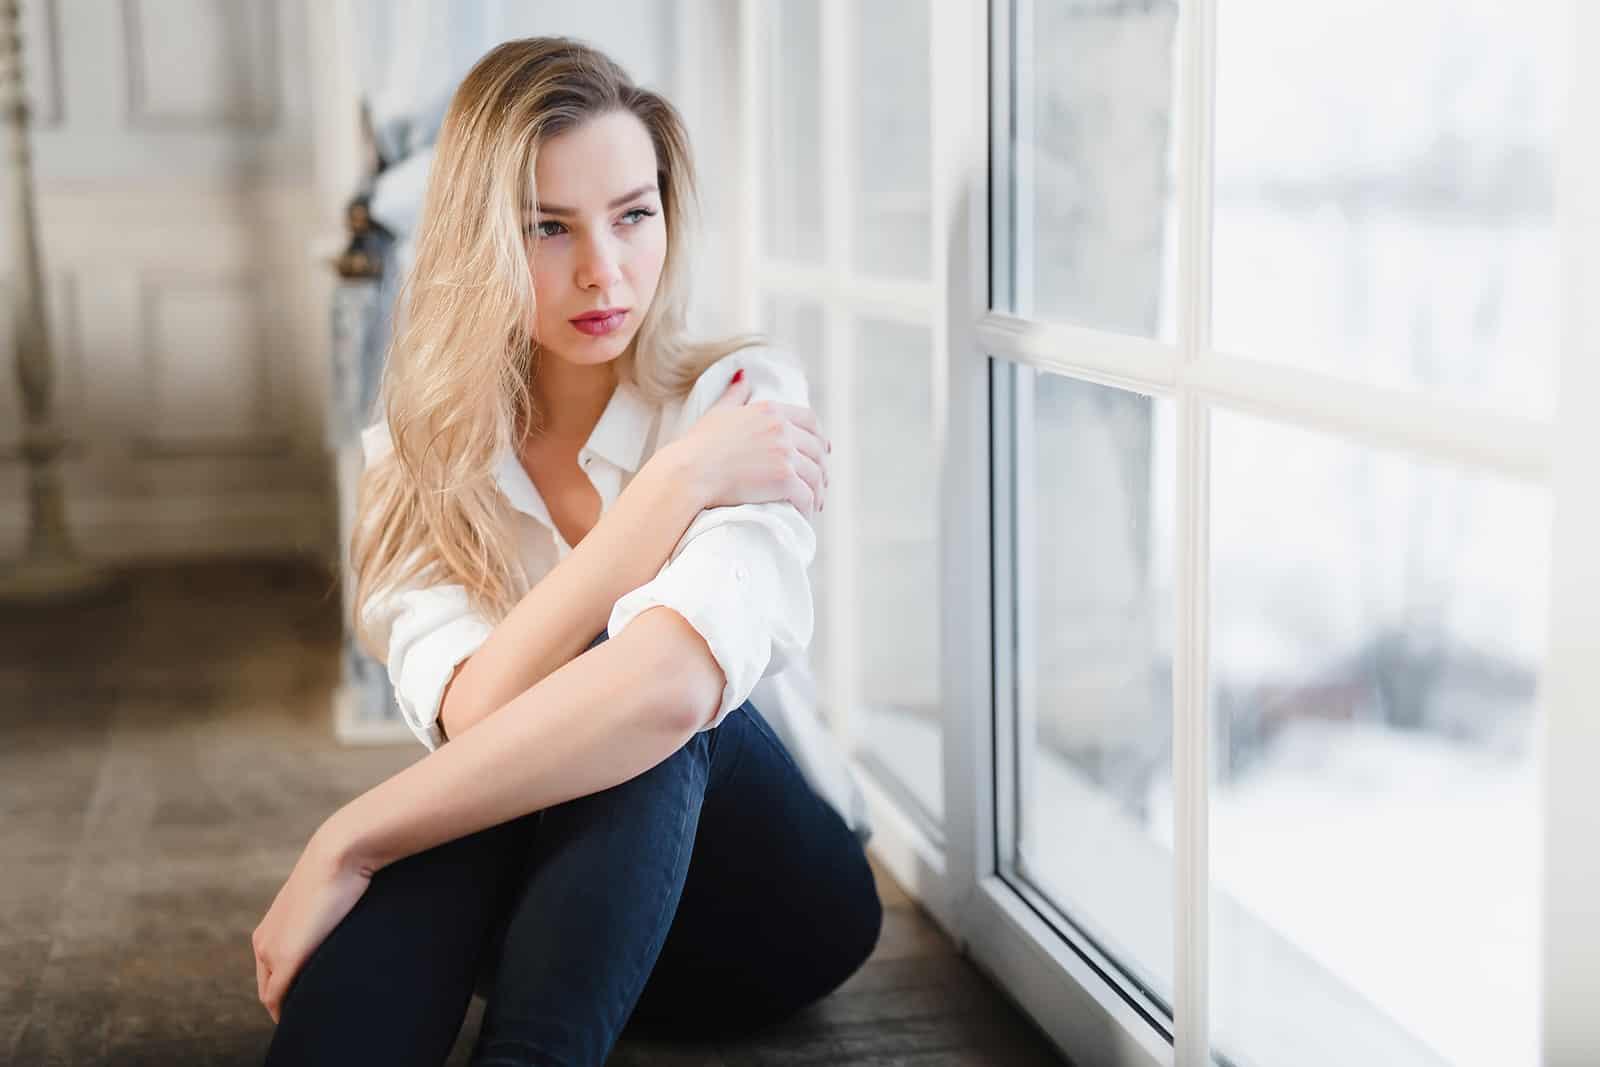 eine nachdenkliche Frau, die auf dem Boden neben den Glastüren sitzt